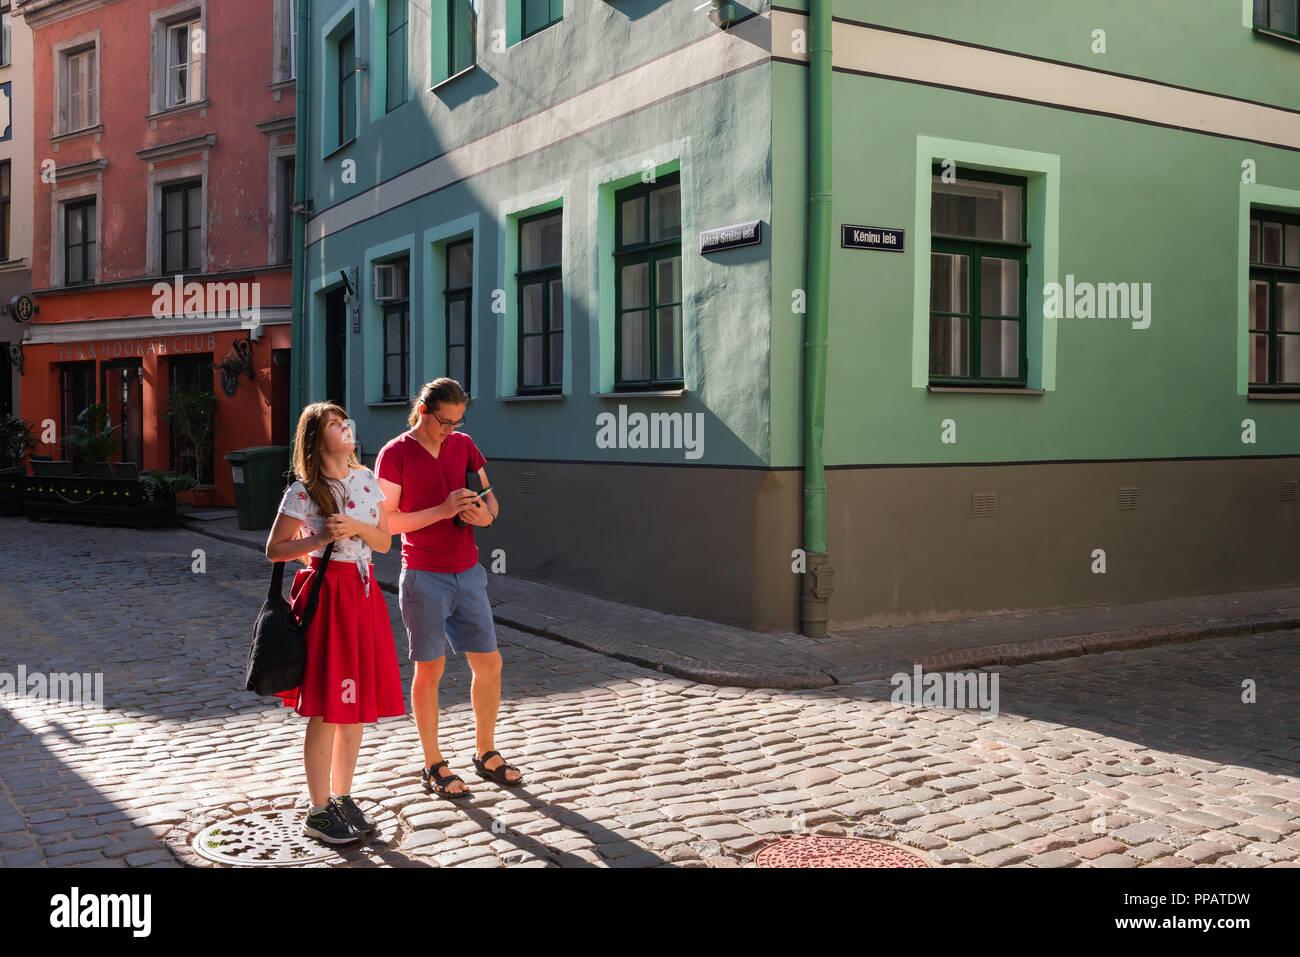 Riga Old Town street, su una mattina d'estate due giovani turisti sightseeing (18-25) navigare le strade medievali di Riga Old Town, Lettonia. Foto Stock